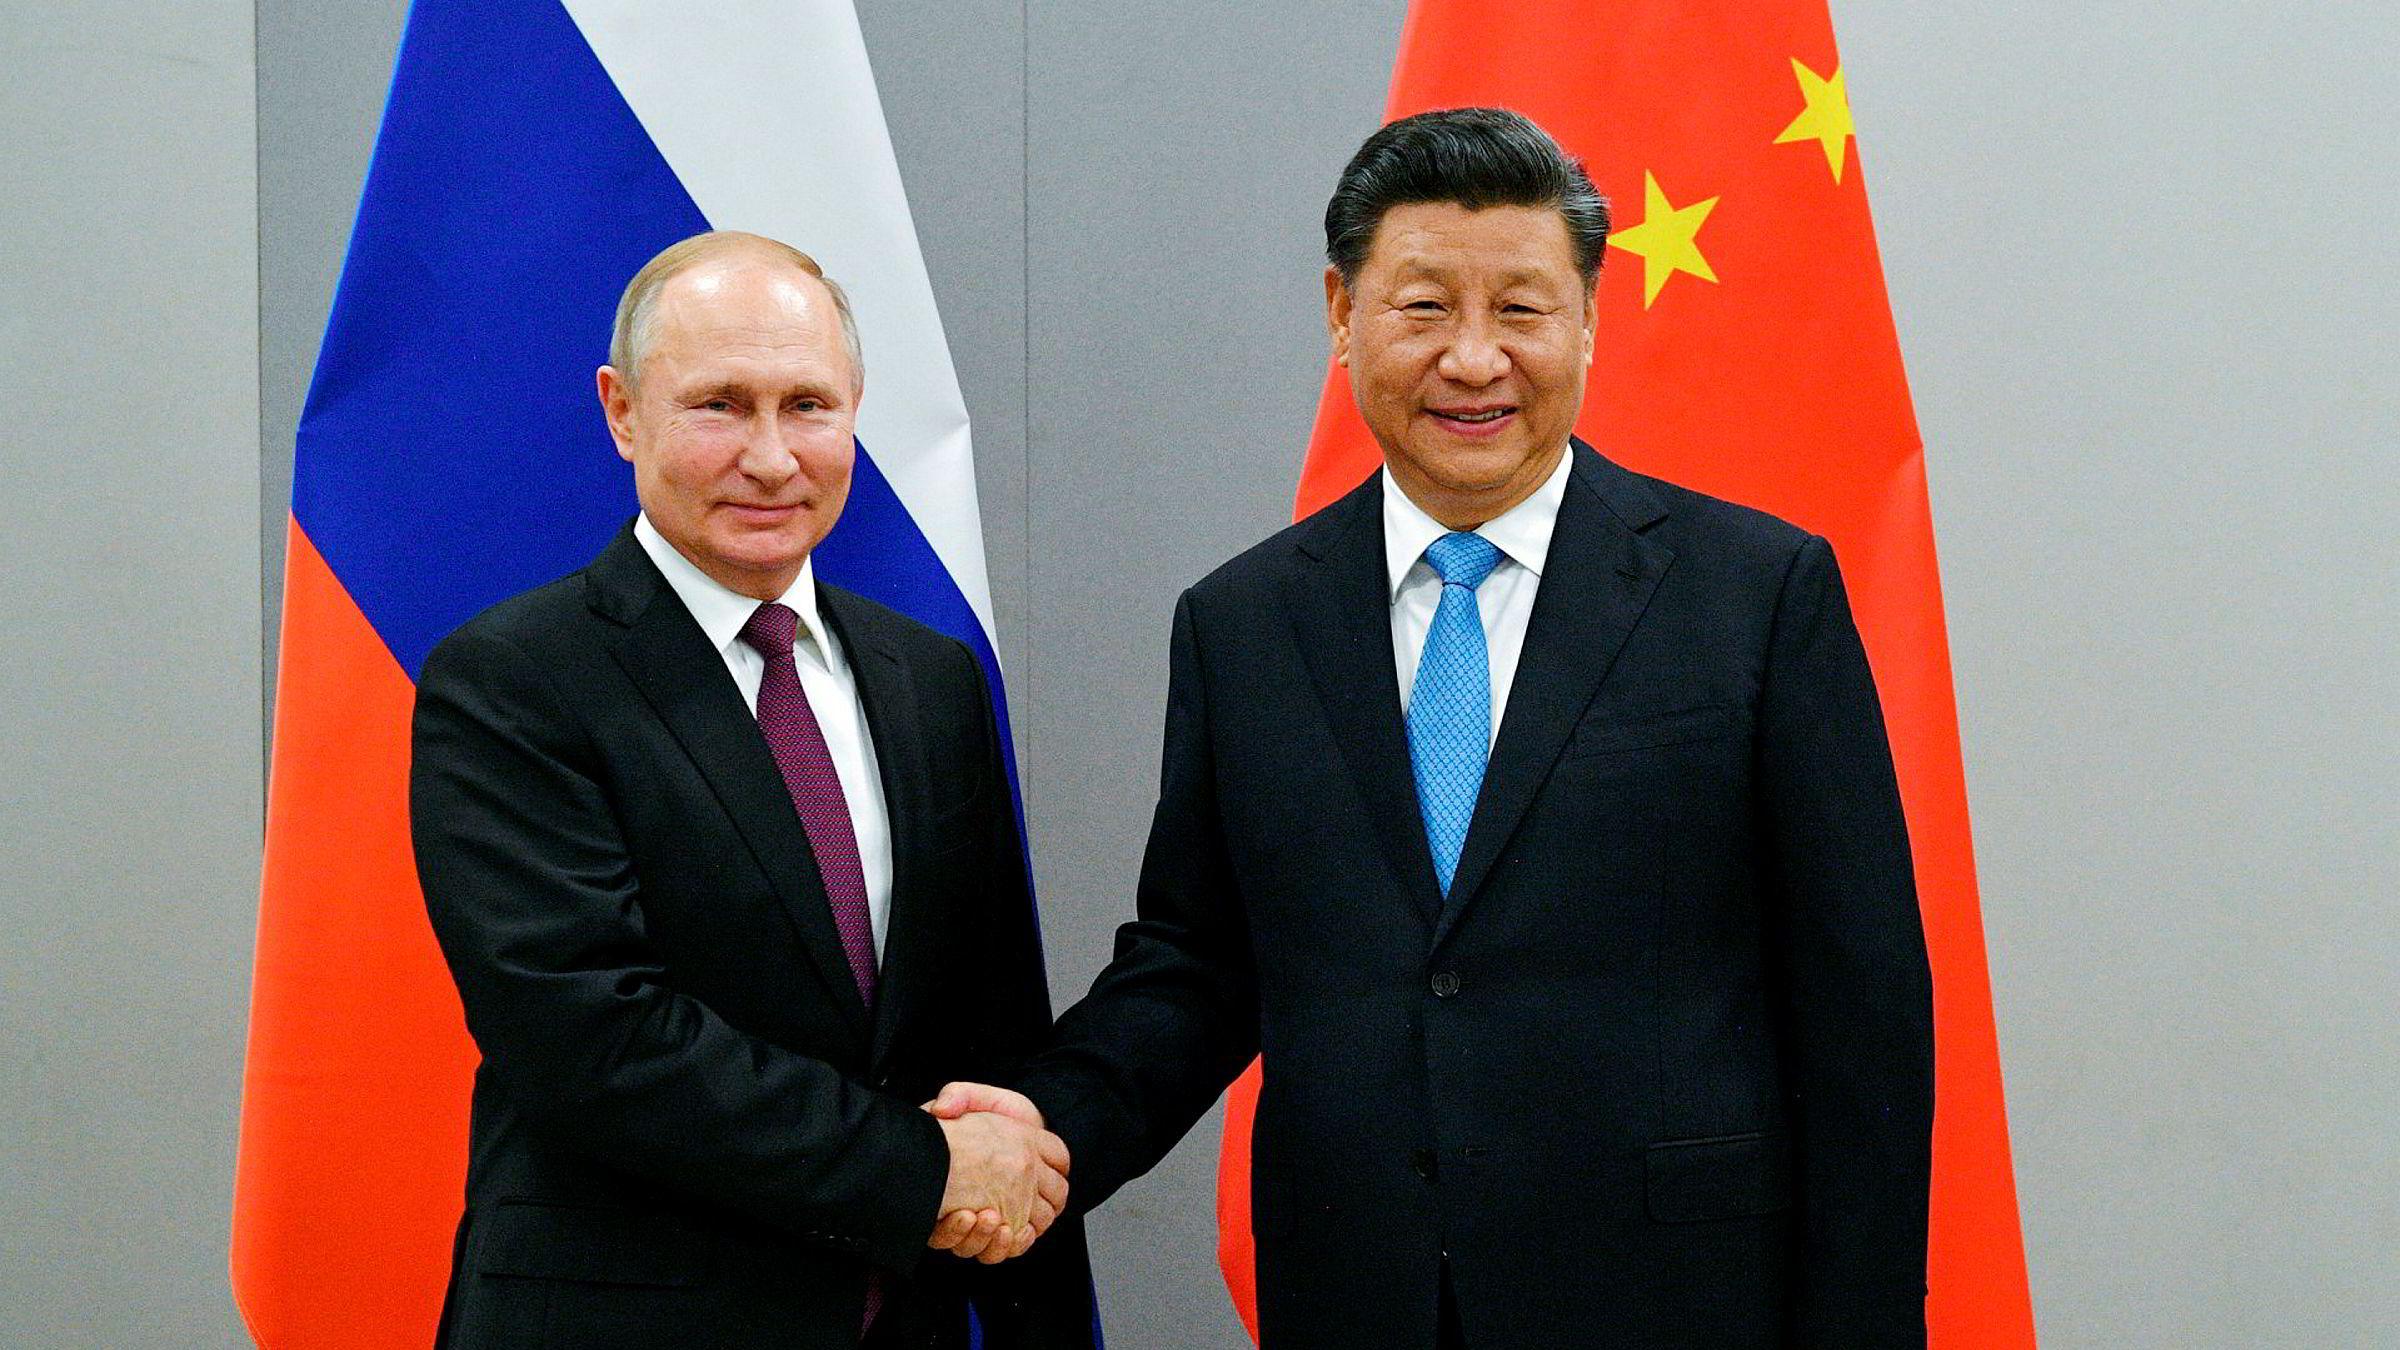 Presidentene Vladimir Putin og Xi Jinping samarbeider stadig tettere. Nå er teleselskapet Huawei blitt en viktig brikke i forholdet.